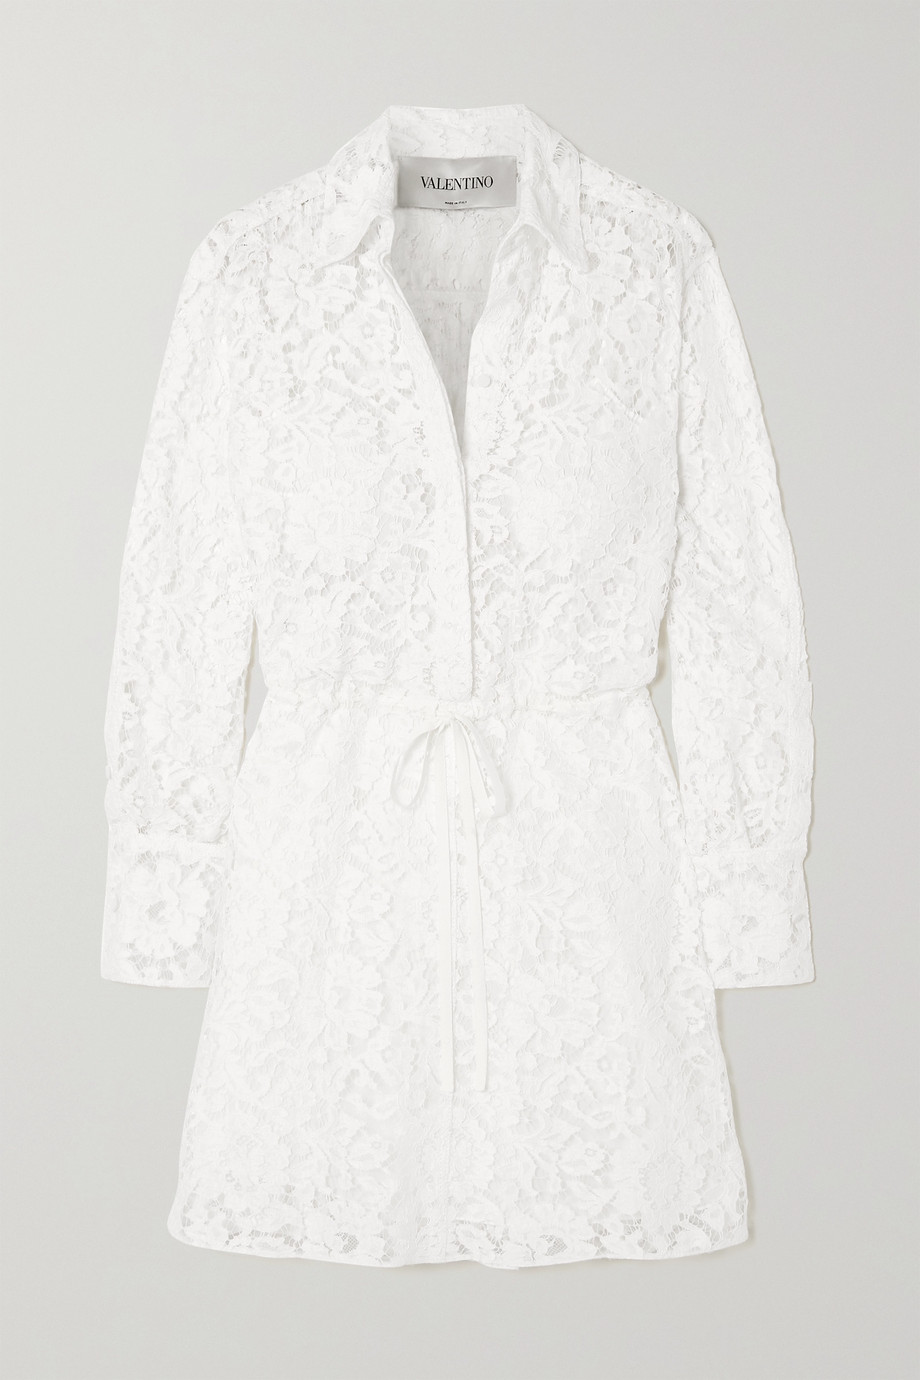 Valentino Mini-Hemdblusenkleid aus schnurgebundener Spitze